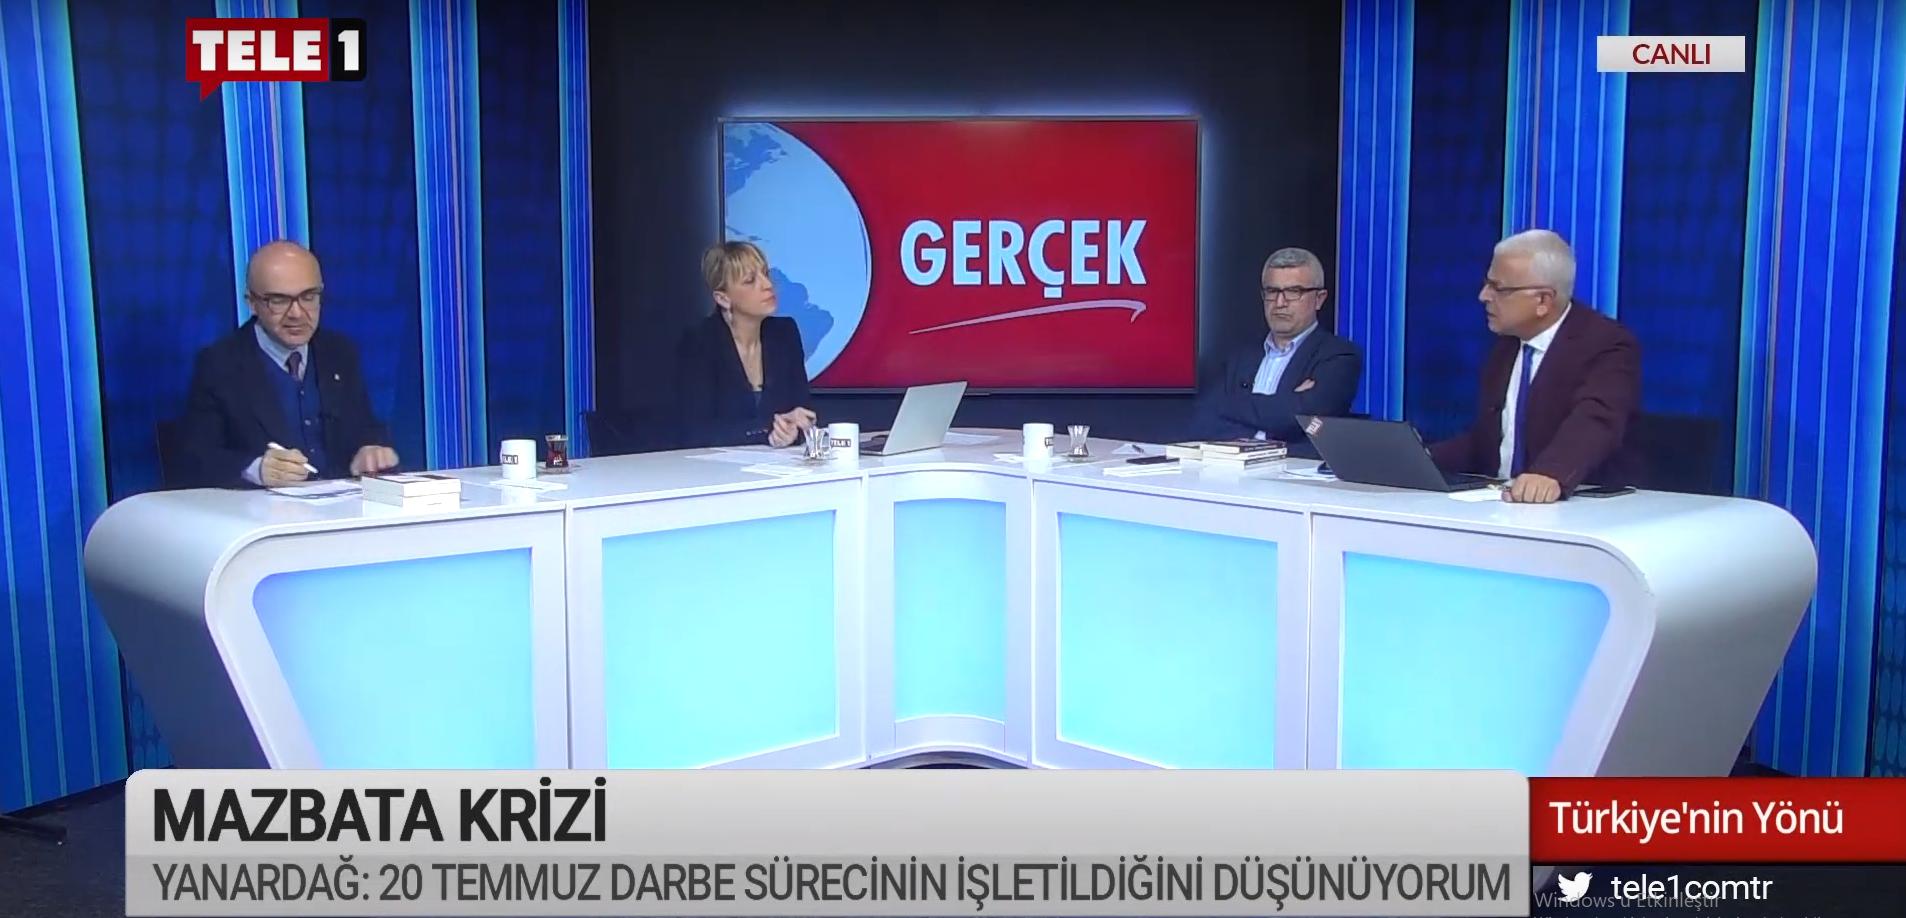 Türkiye 31 Mart seçimleriyle Dünyaya nasıl bir fotoğraf veriyor? – Türkiye'nin Yönü (14 Nisan 2019)